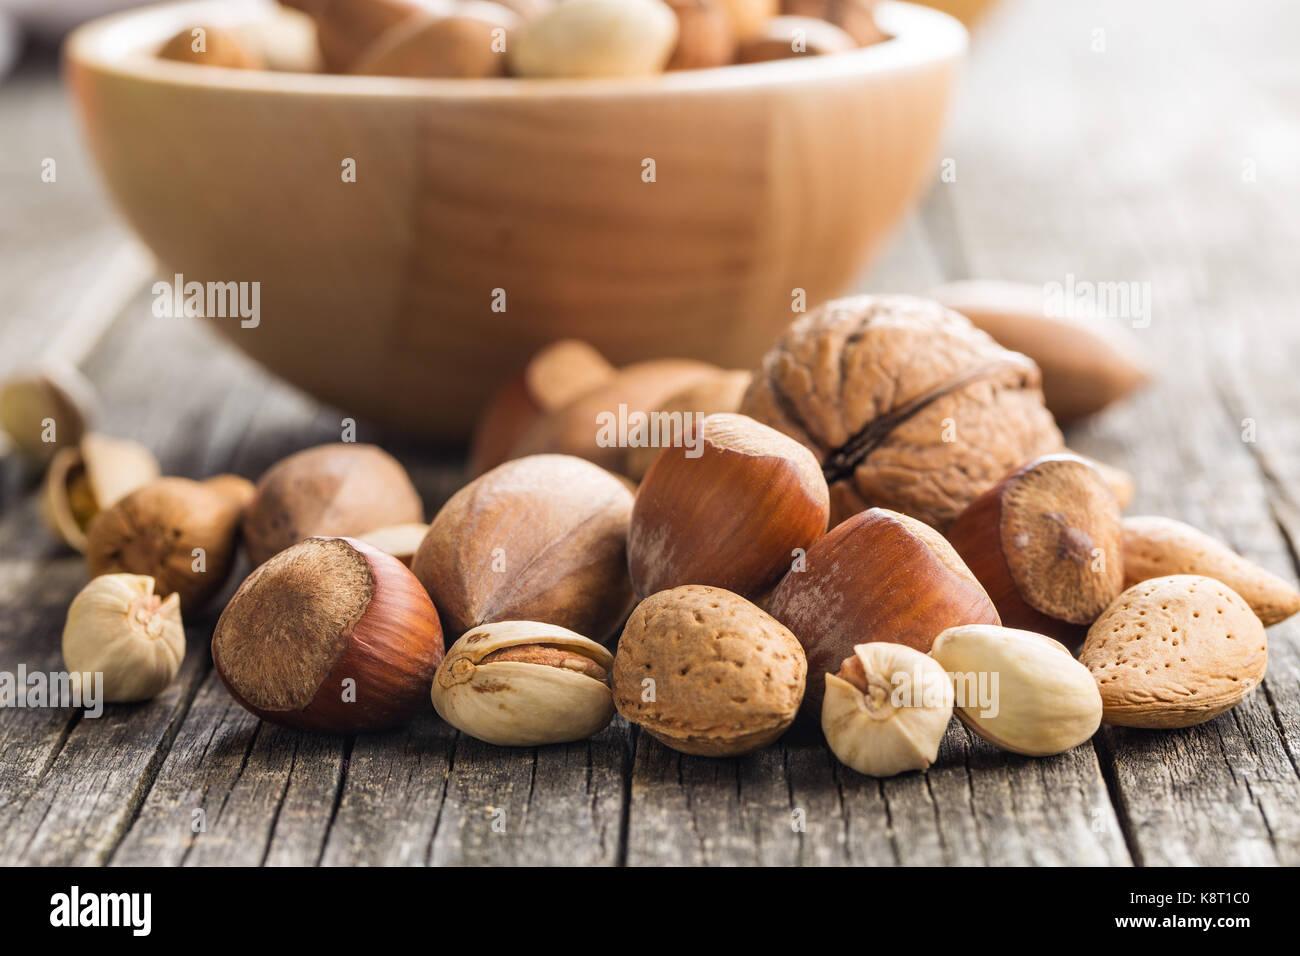 Différents types d'écrous dans le mot. Noisettes, noix, amandes, noix de pécan et les pistaches Photo Stock